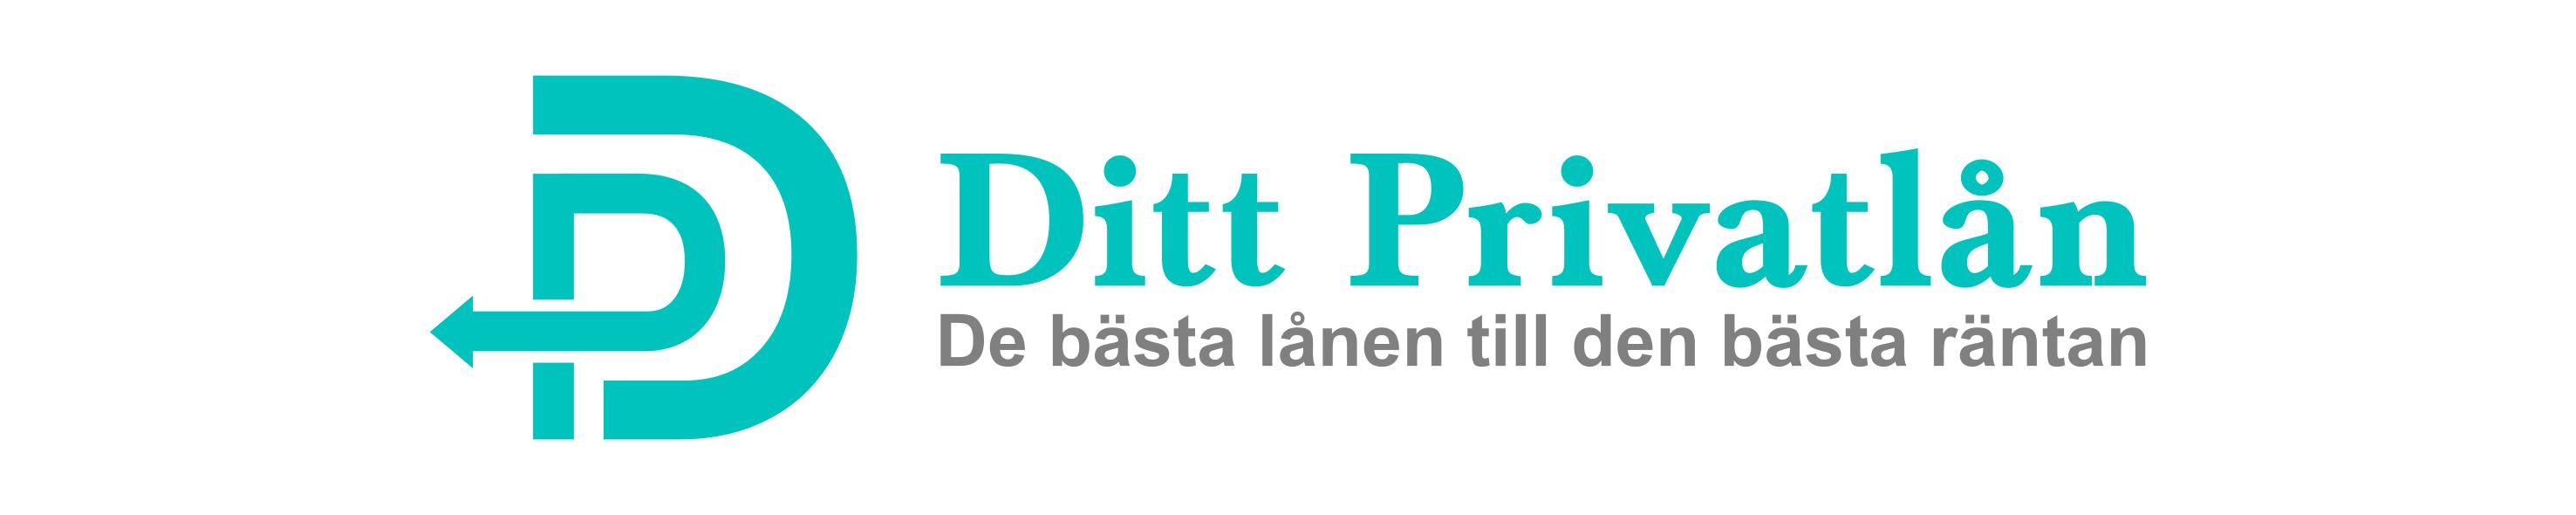 dittprivatlån logo